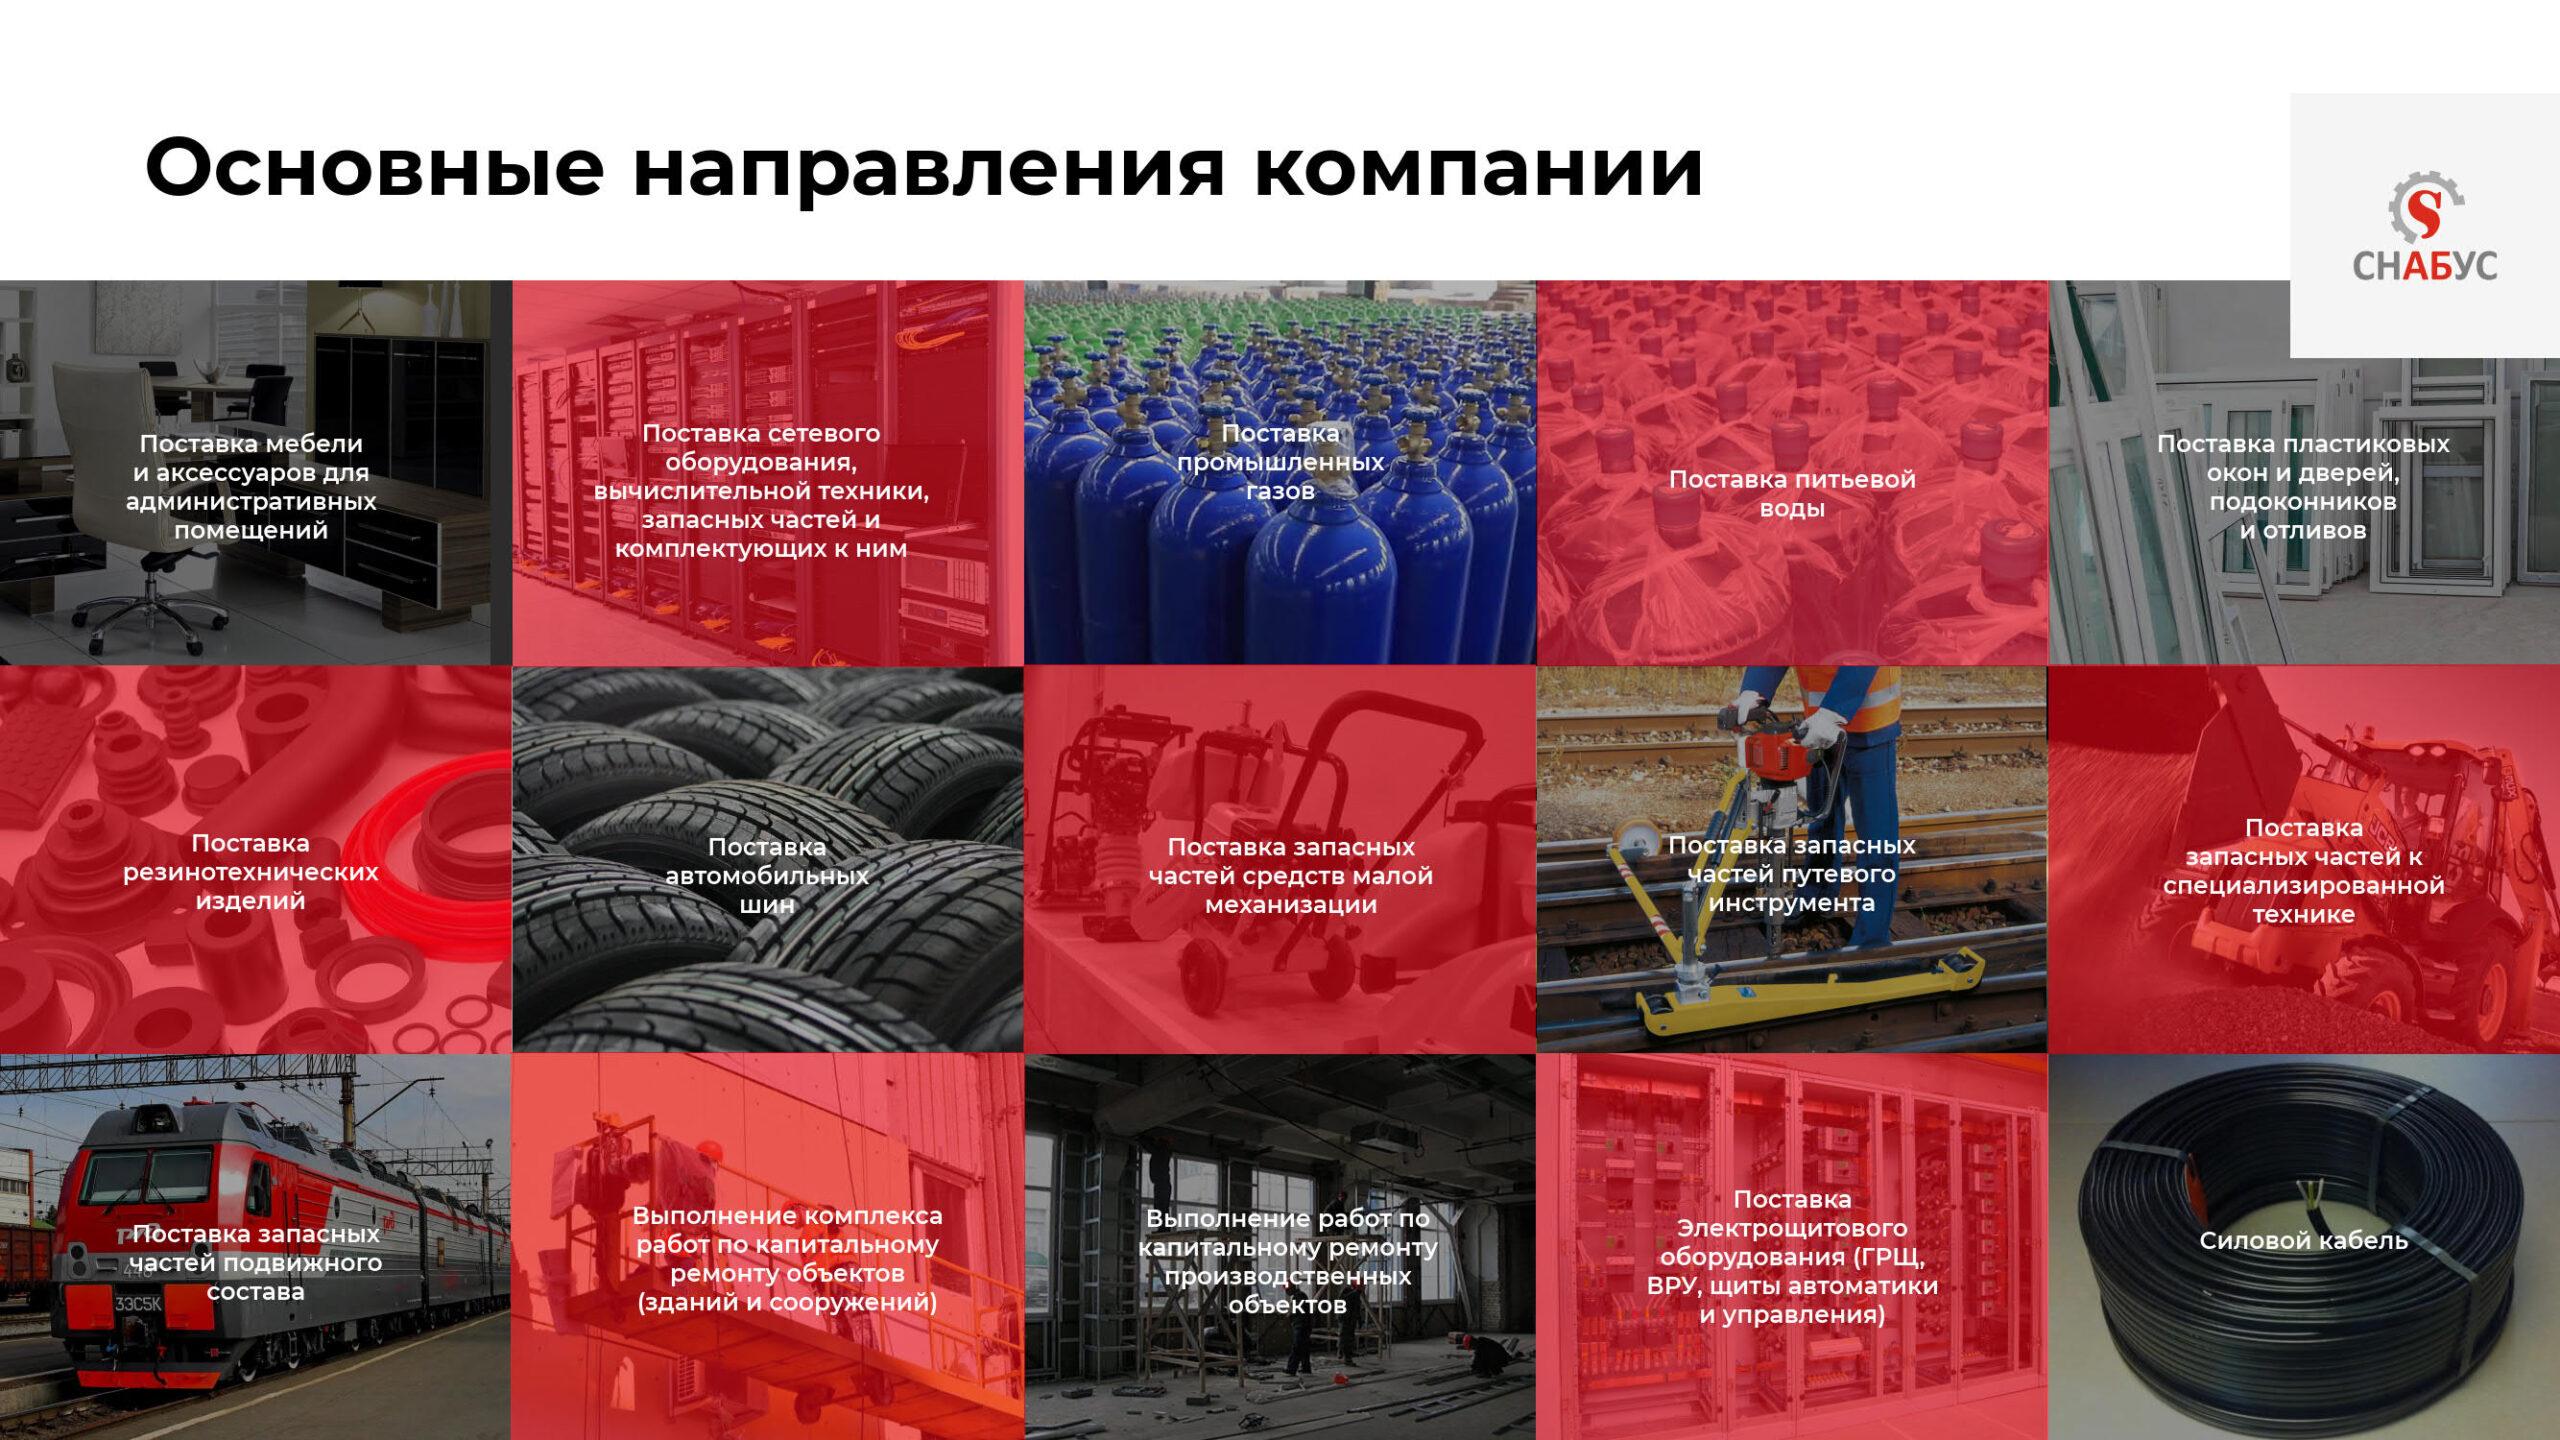 prezentacziya-optovoj-torgovoj-kompanii-postavka-vody-gazov-zapasnyh-chastej